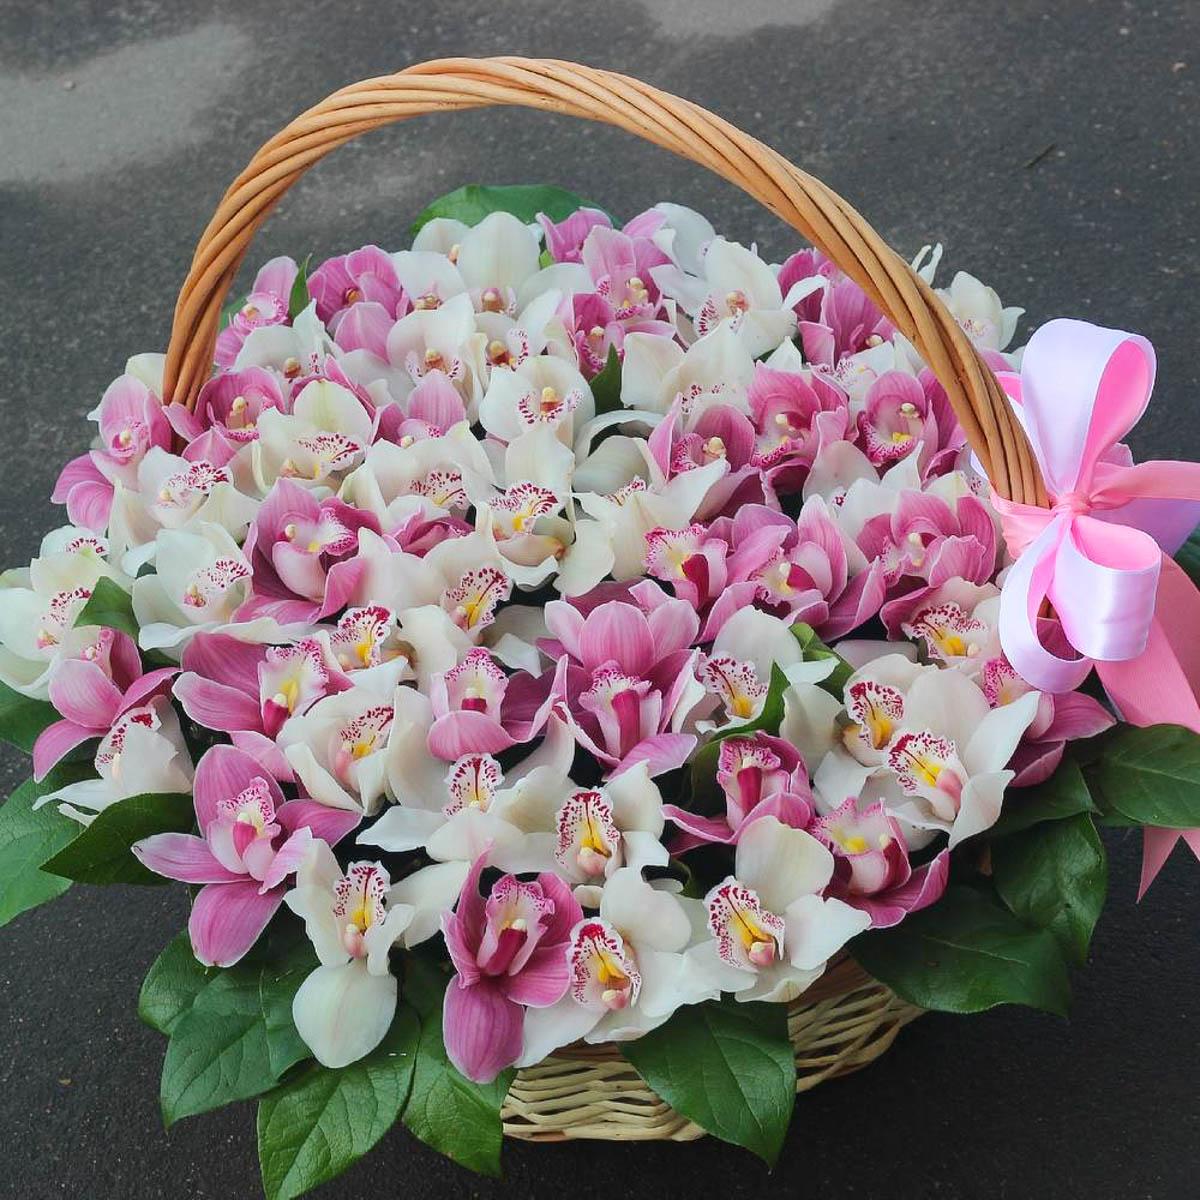 очистить, тюльпаны розы орхидеи фото могут войти